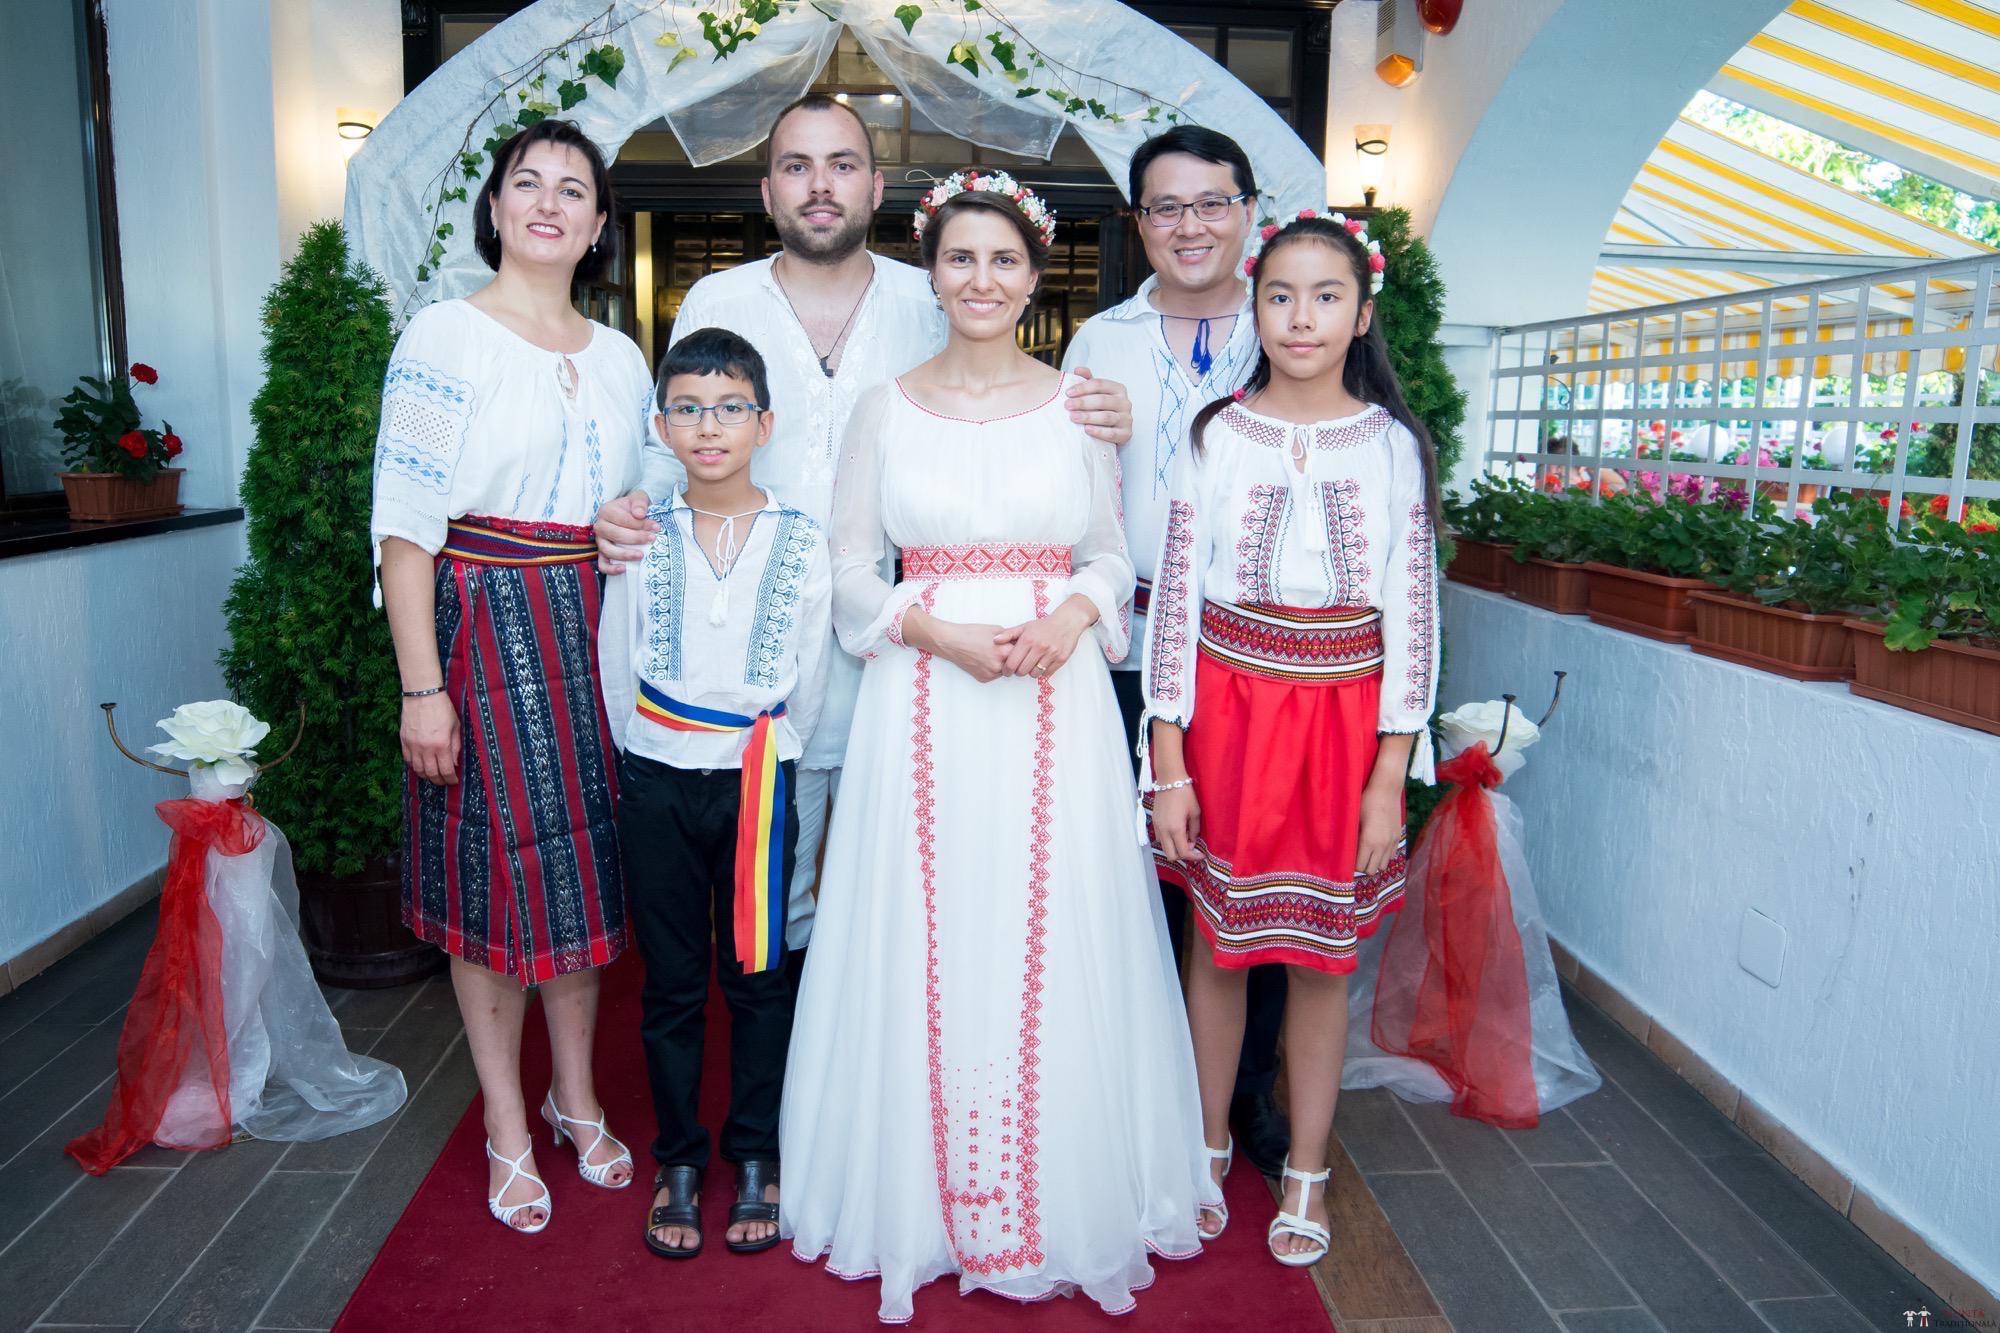 Povești Nunți Tradiționale - Oana și Silviu. Nuntă tradițional românească în București 95